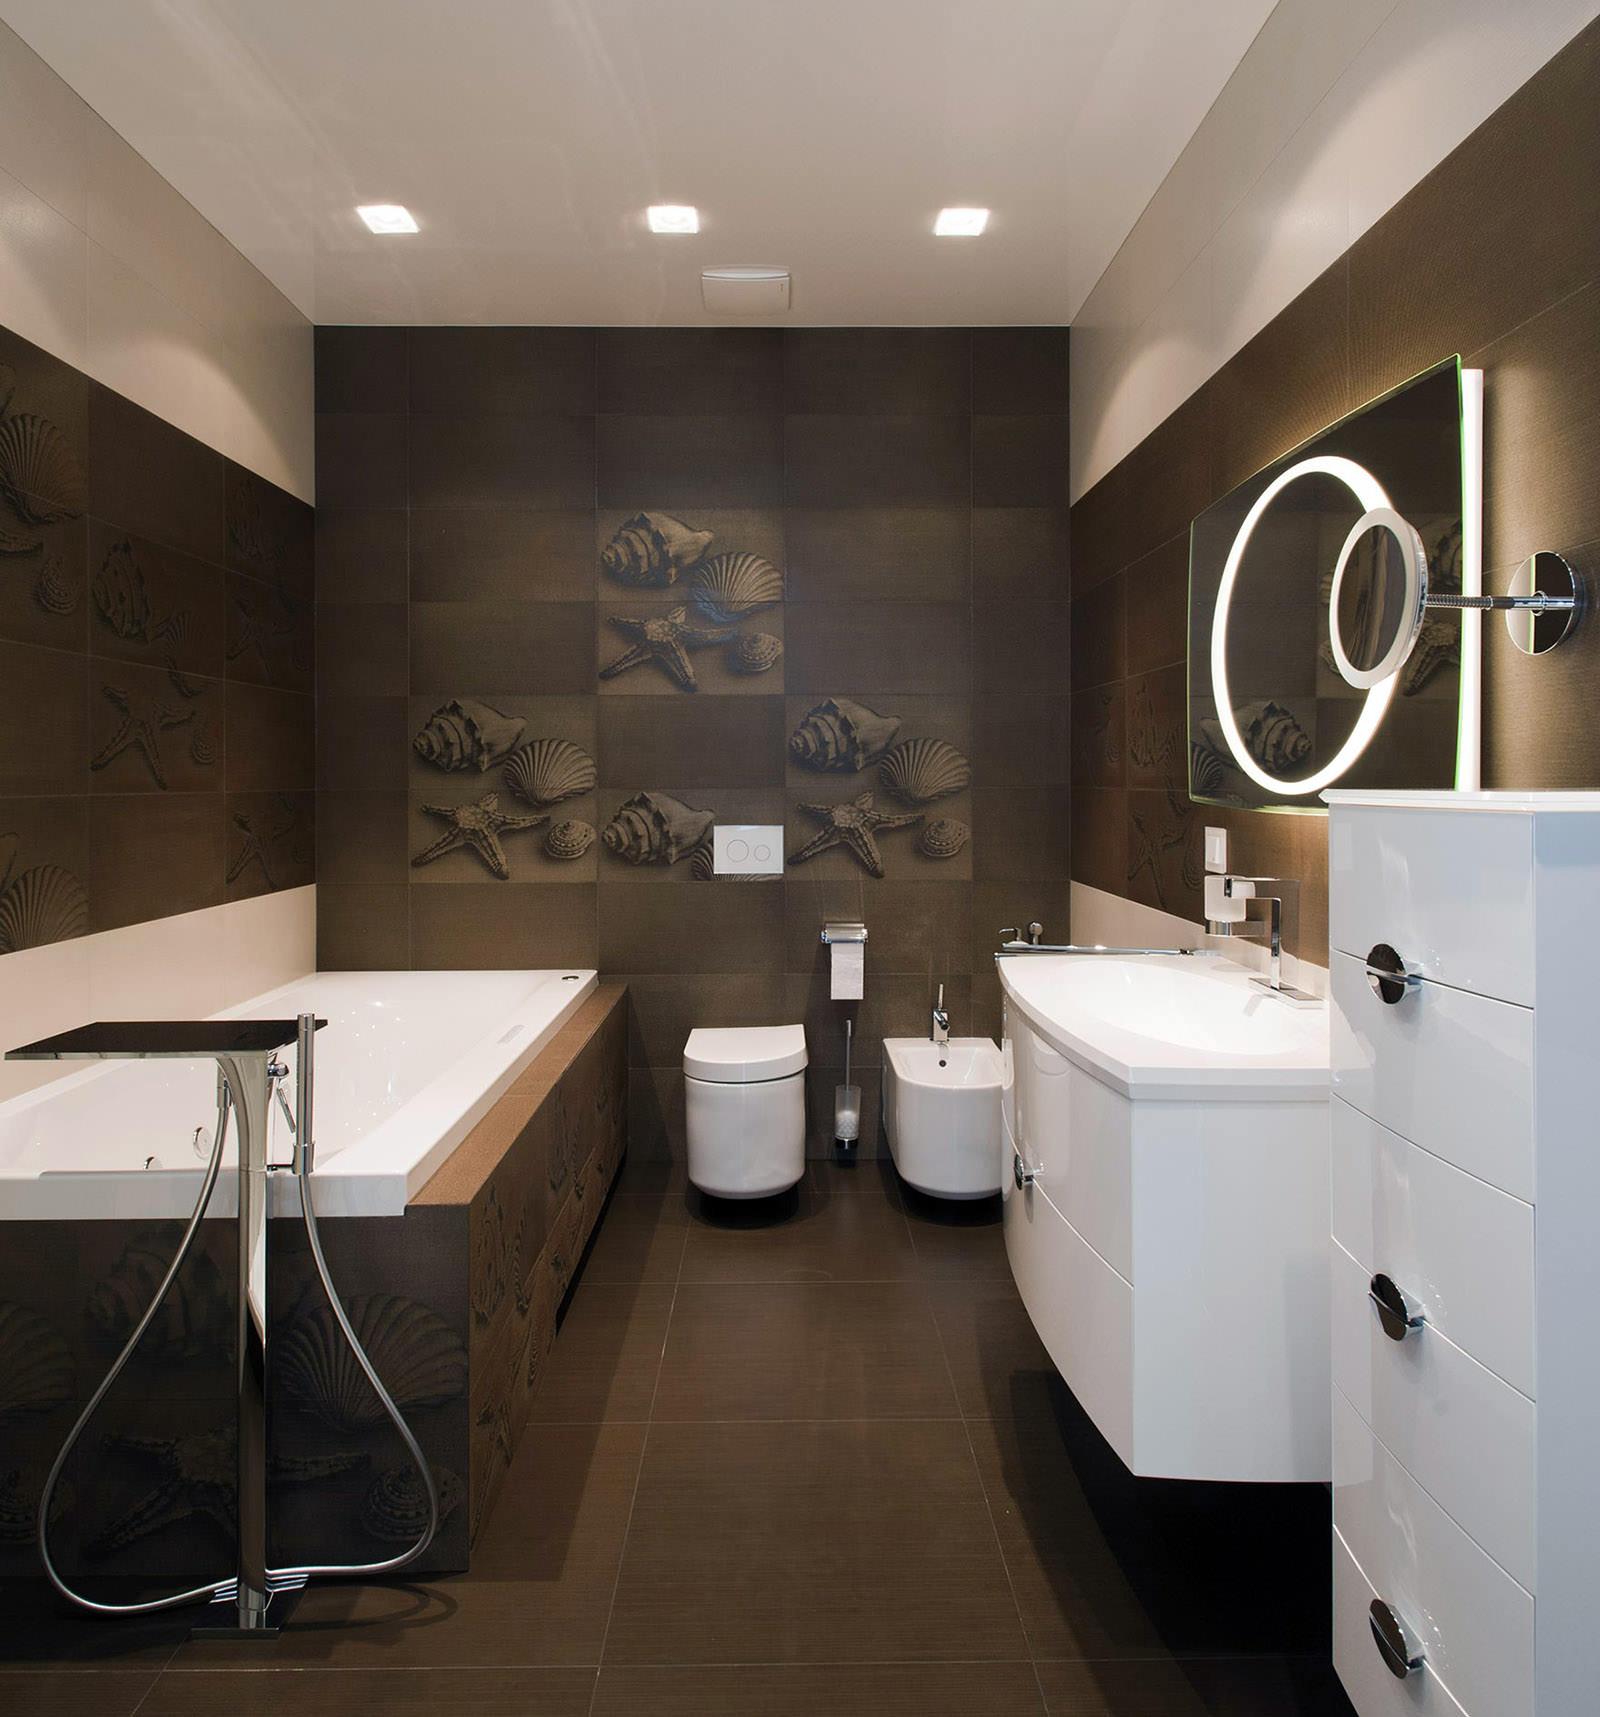 Коричневая и бежевая плитка в отделке ванной